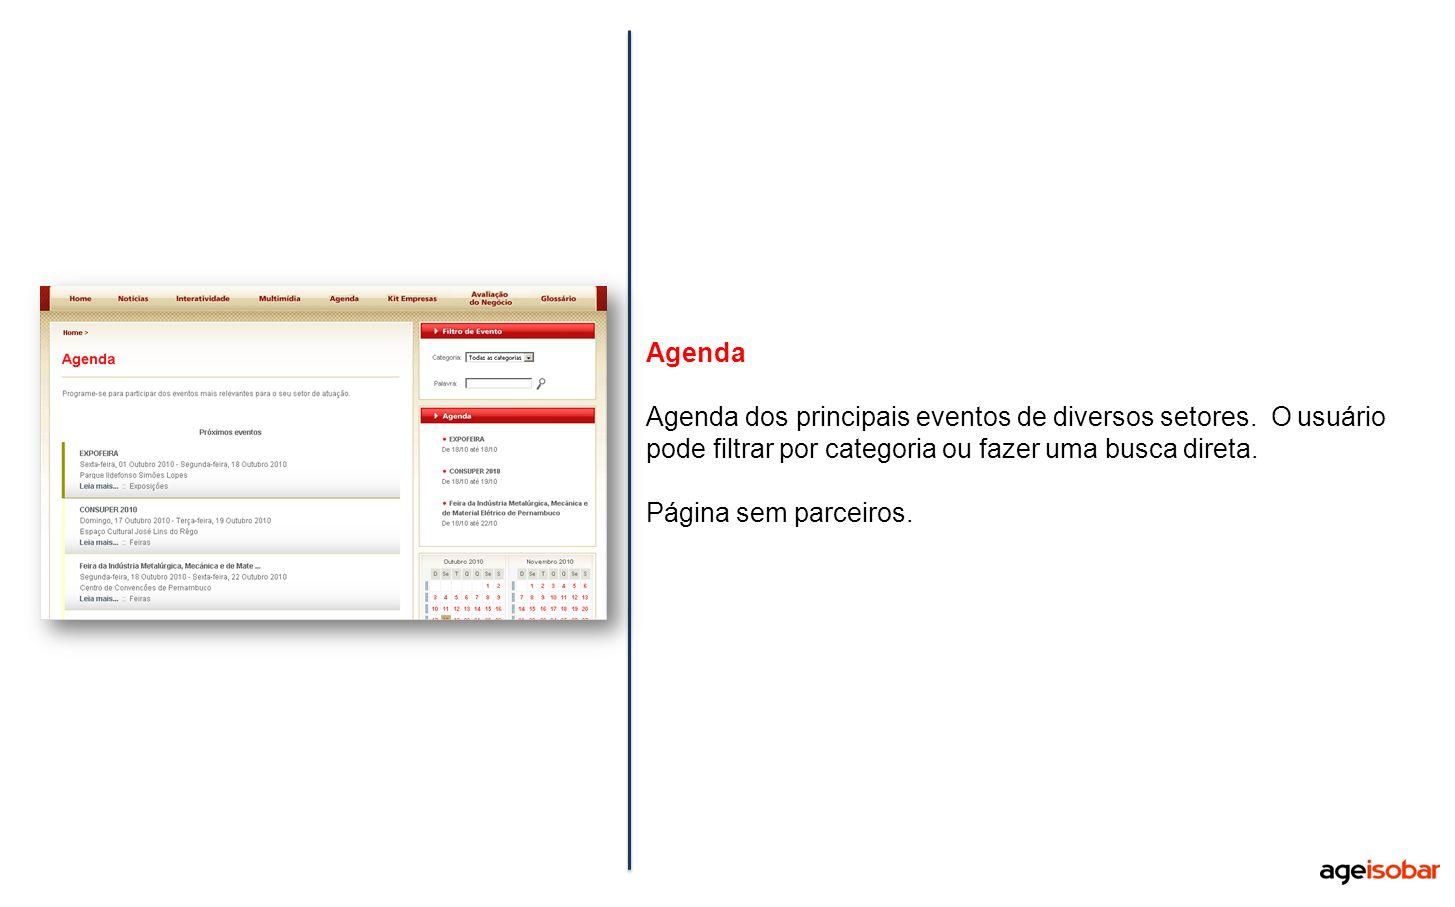 Agenda Agenda dos principais eventos de diversos setores. O usuário pode filtrar por categoria ou fazer uma busca direta.